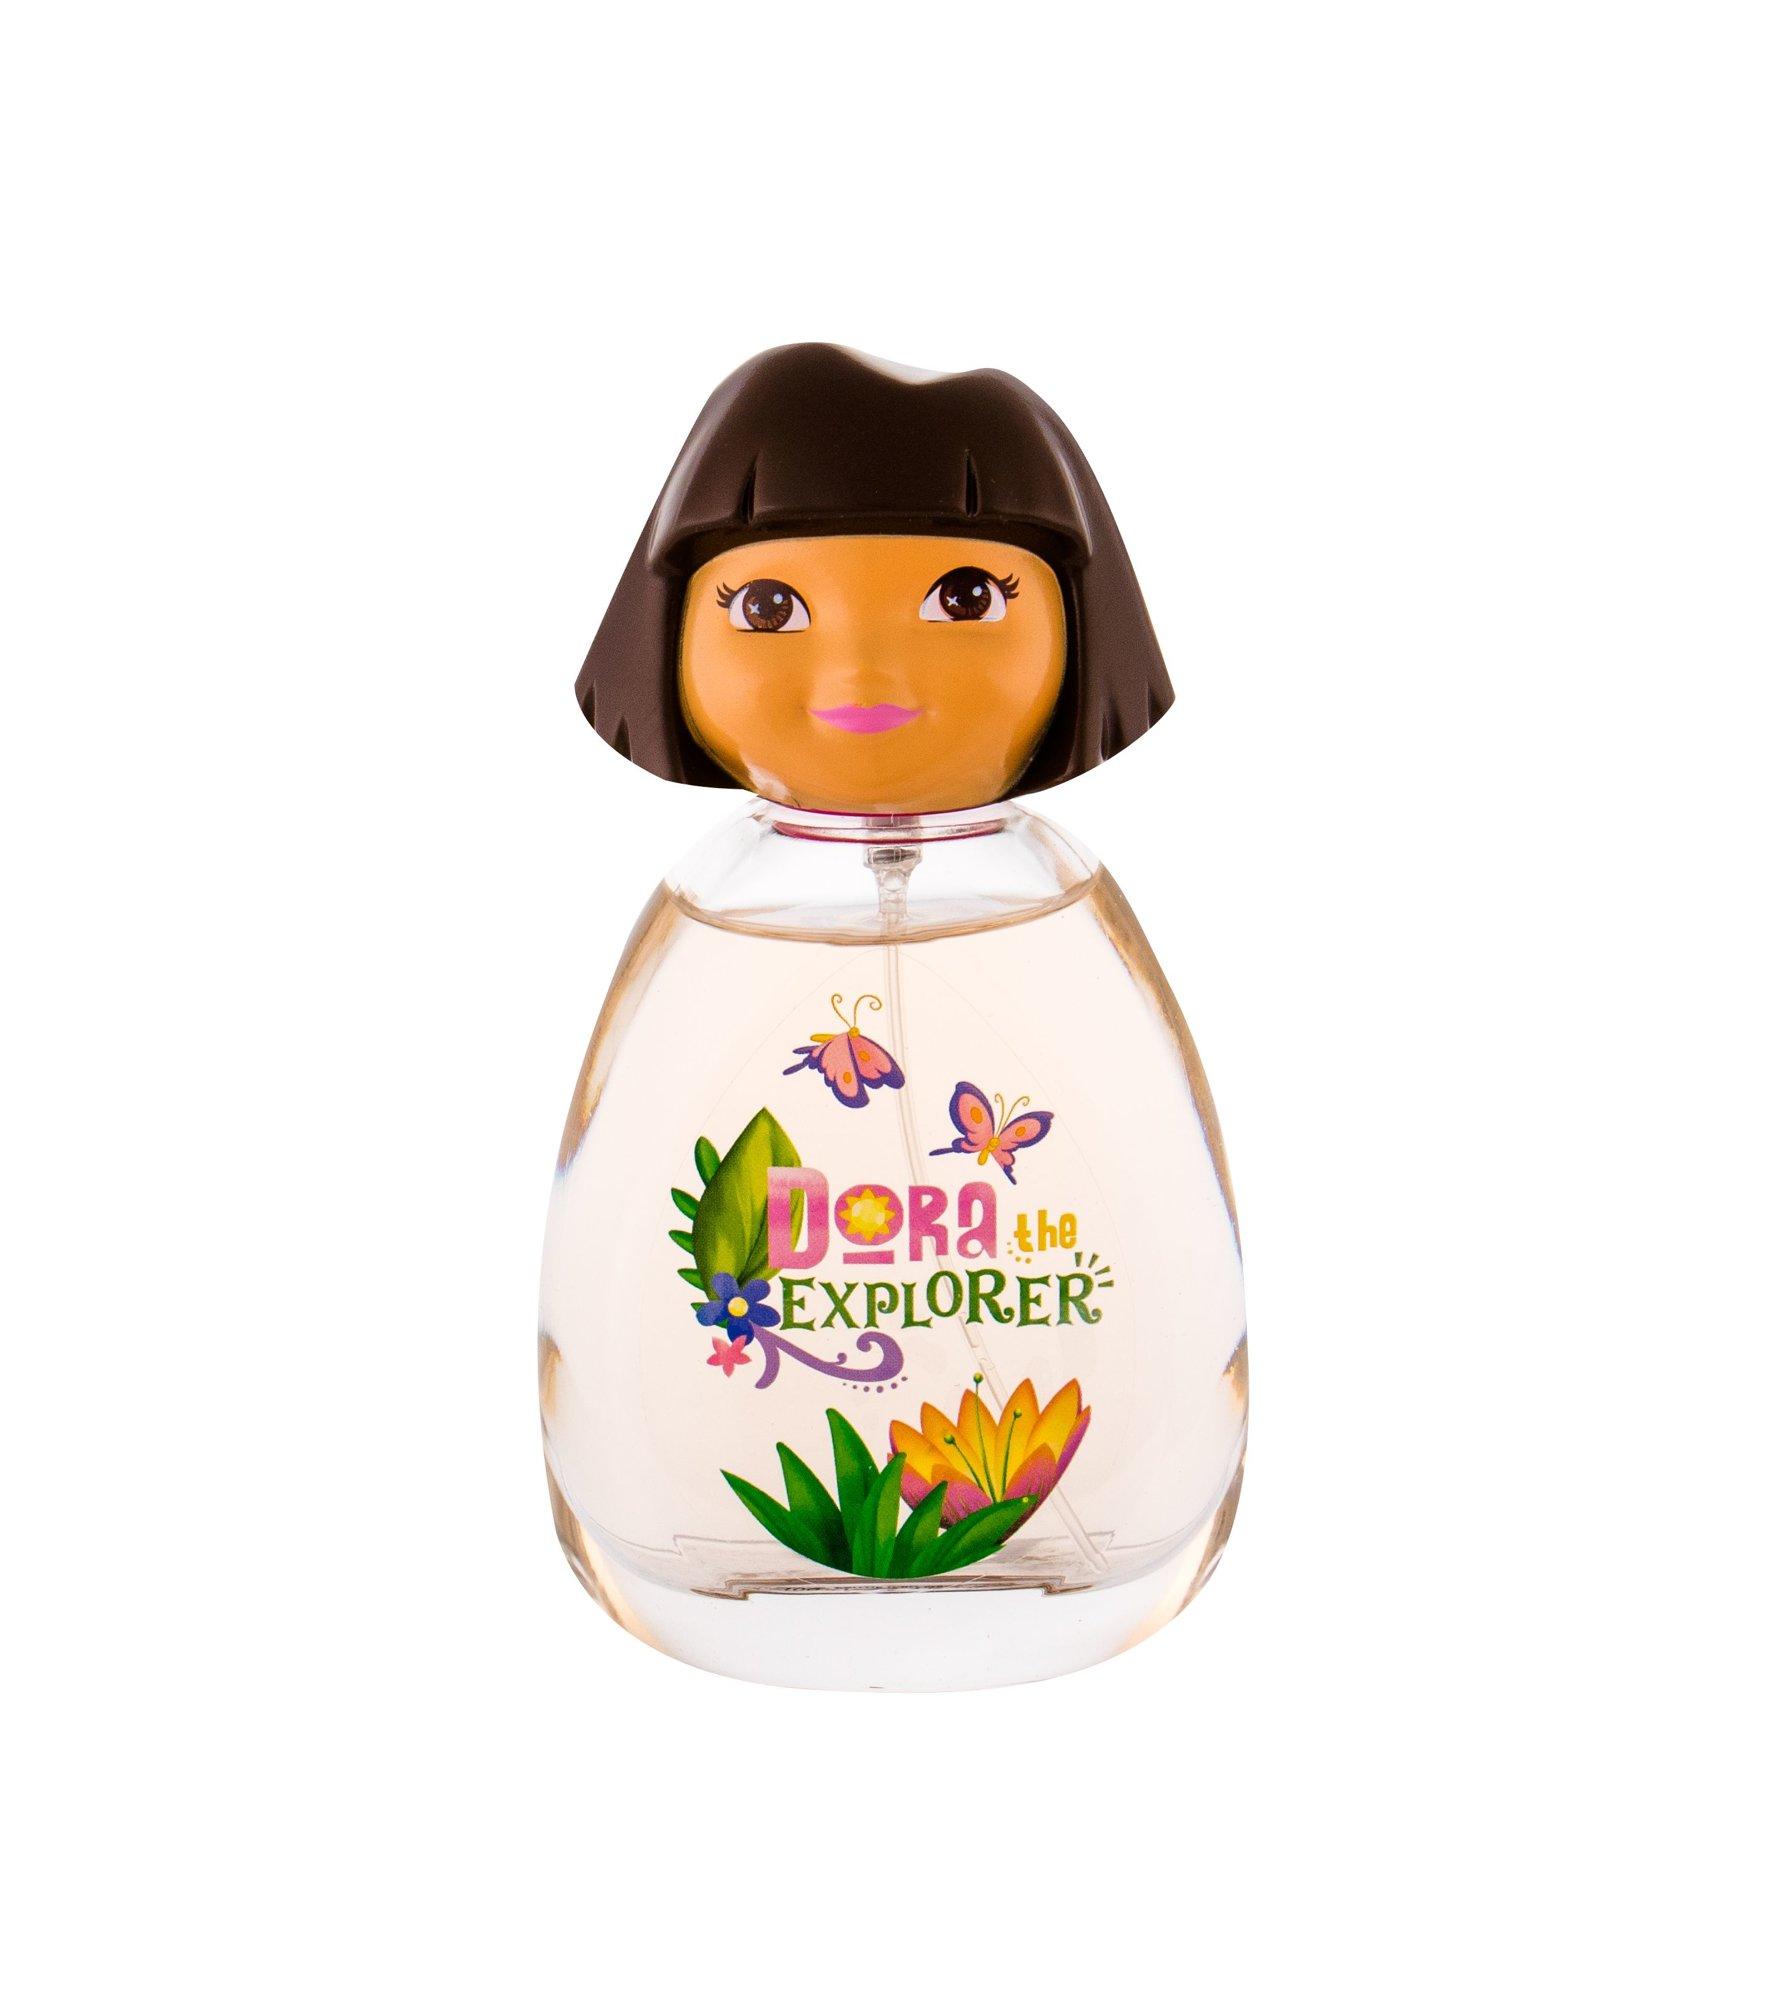 Nickelodeon Dora The Explorer Eau de Toilette 100ml